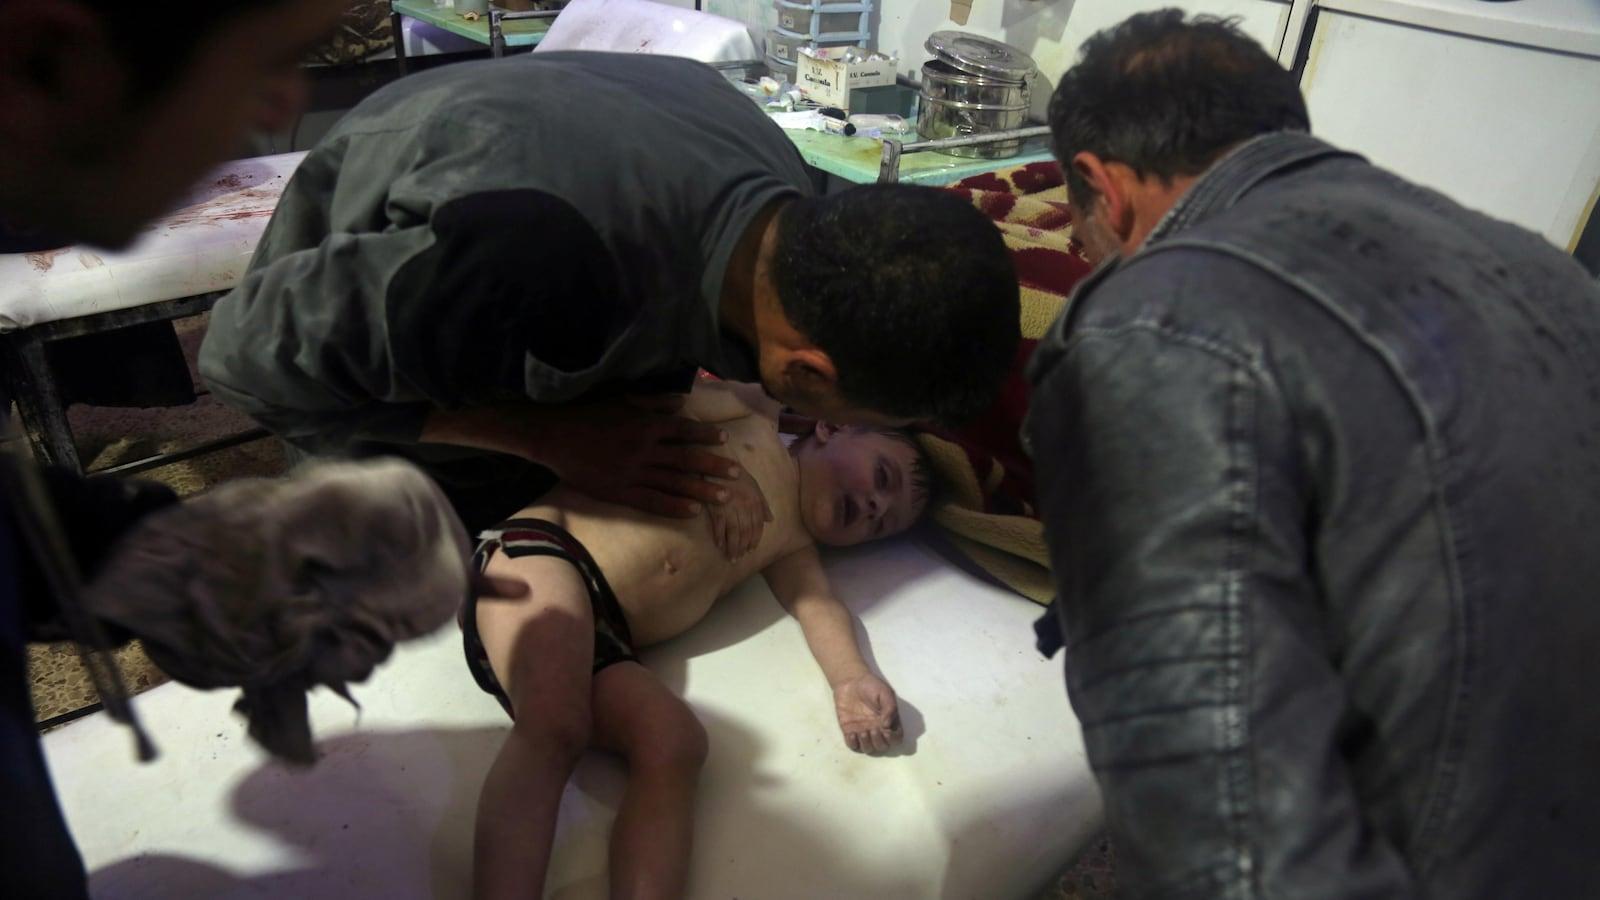 Un enfant reçoit des soins dans un hôpital syrien.